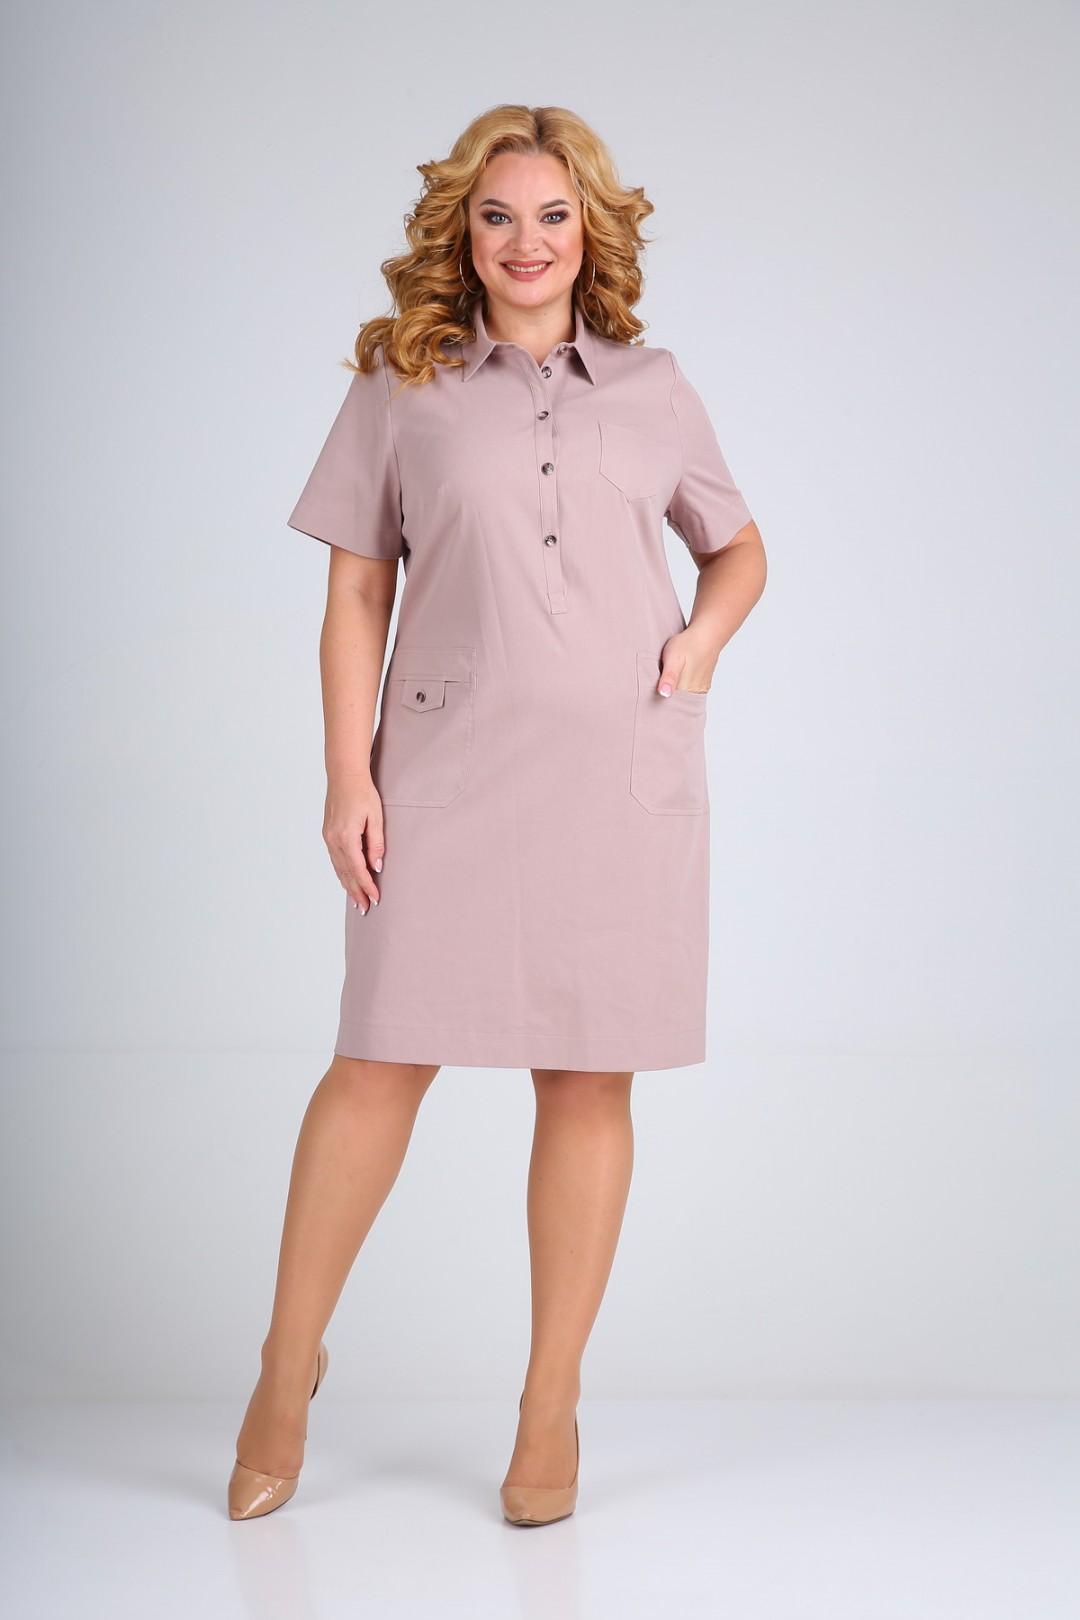 Платье MammaModa М-600/3